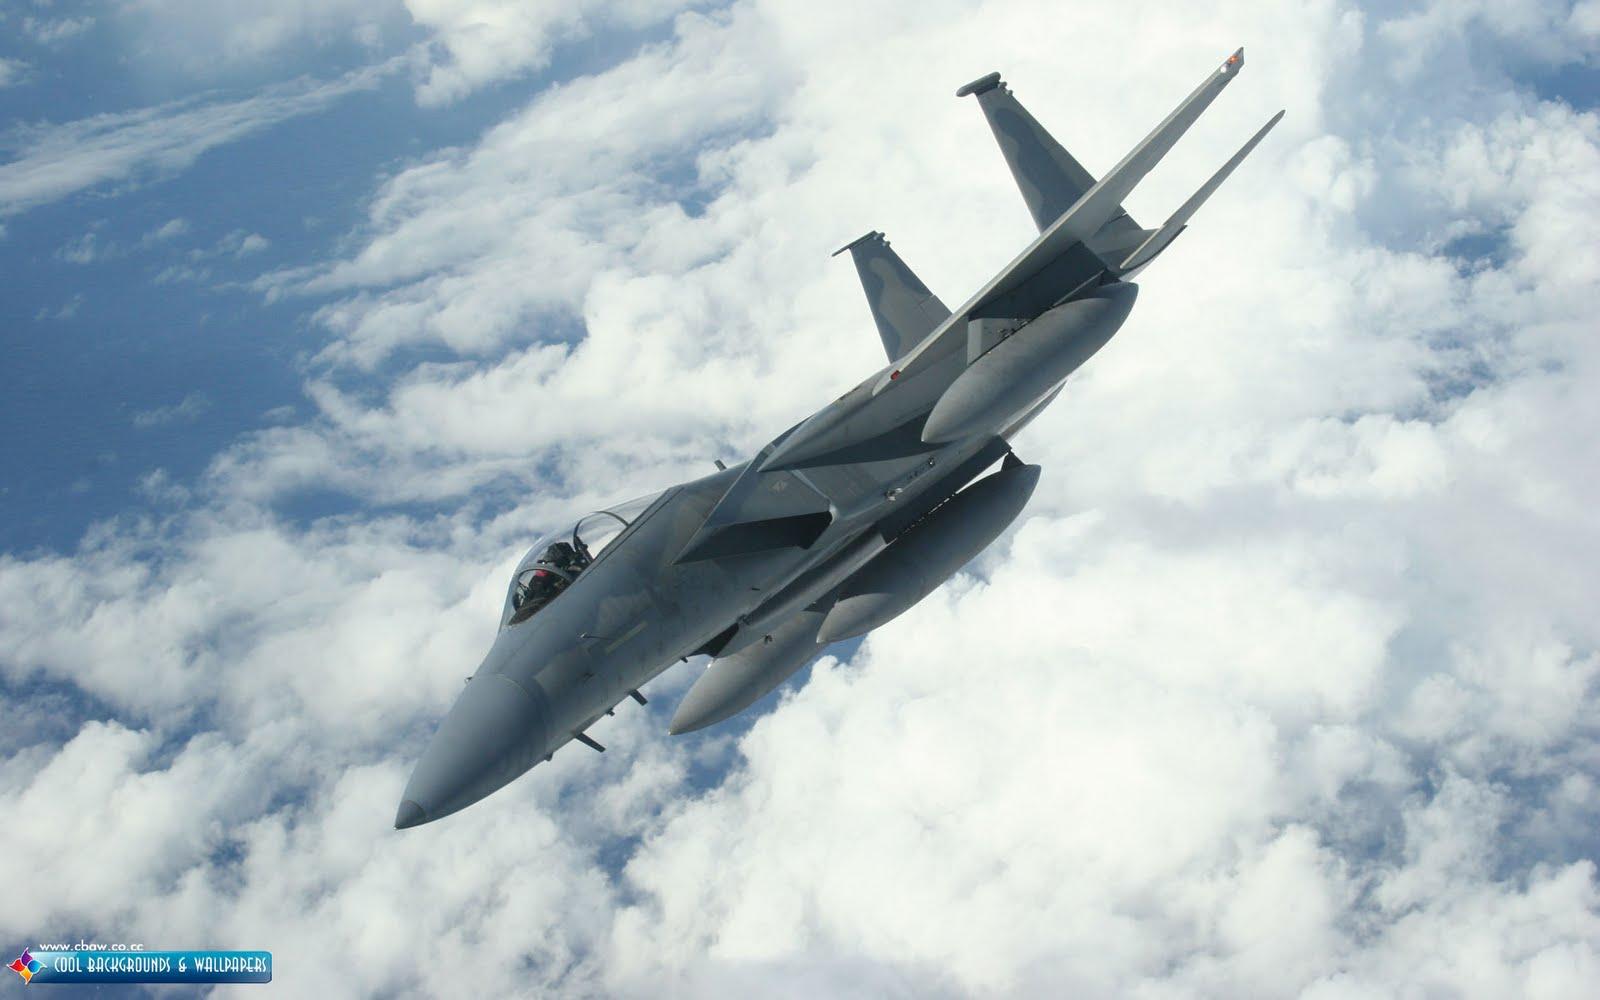 http://3.bp.blogspot.com/-jOv5zyceu4U/TjBqzAFURJI/AAAAAAAAImc/X8MlHSp9SGk/s1600/CBAW.co.cc+-+Amazing+War+Aircraft+Wallpapers+%252830%2529.jpg